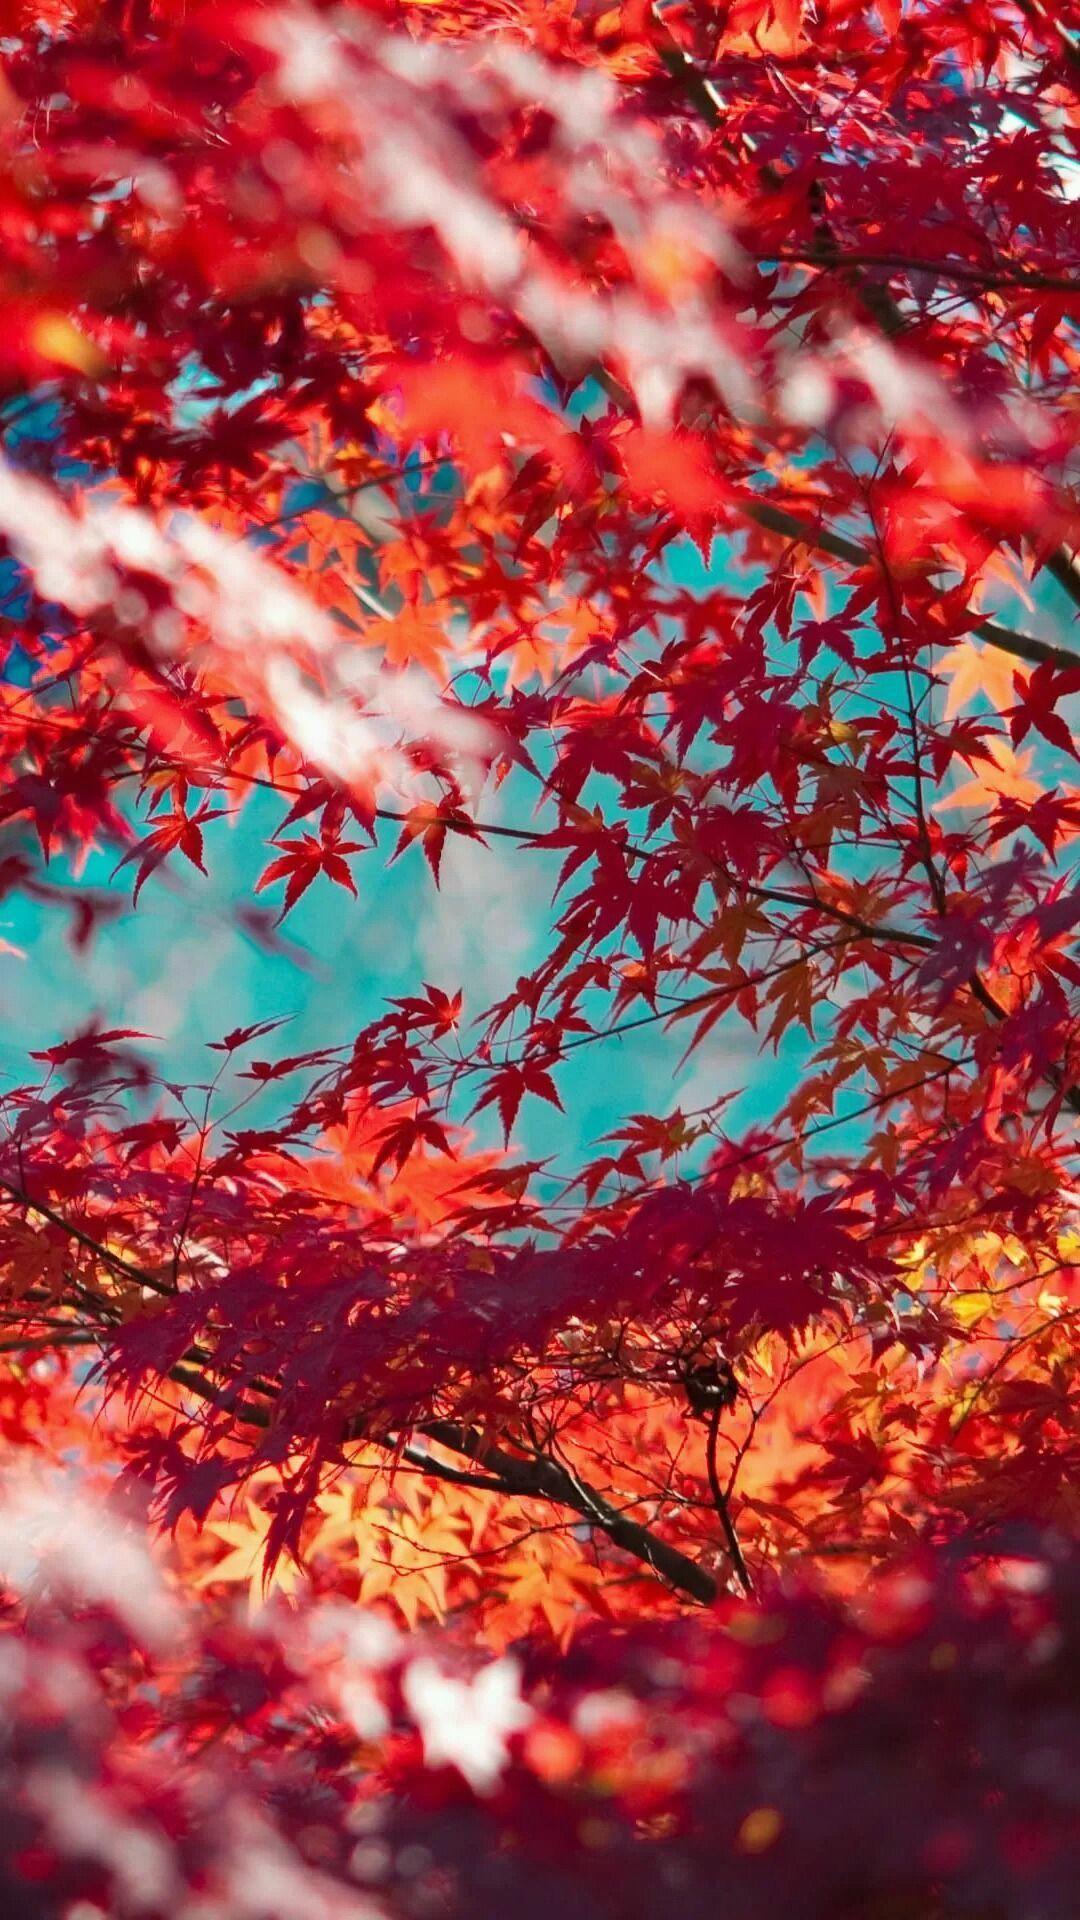 Hình nền iPhone 1080x1920 Beautiful Red Maple Leaves.  Nhấn để xem thêm Hình nền iPhone mùa thu.  Hình nền mùa thu dễ thương, Hình nền cây, Hình nền iPhone mùa thu